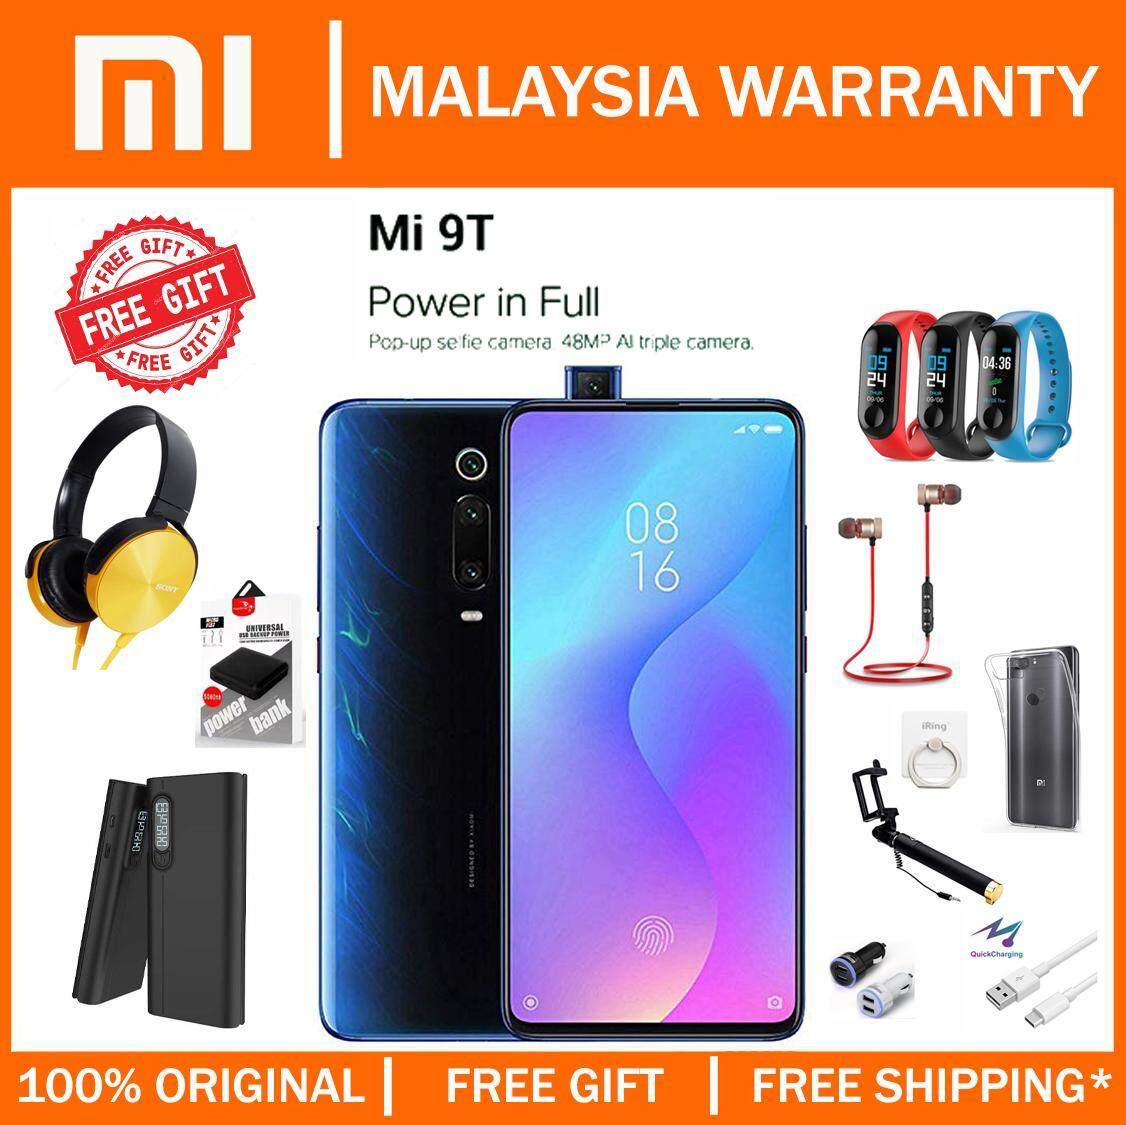 [MY SET] Xiaomi Mi 9T (6GB+128GB) Smartphone Original Malaysia Warranty